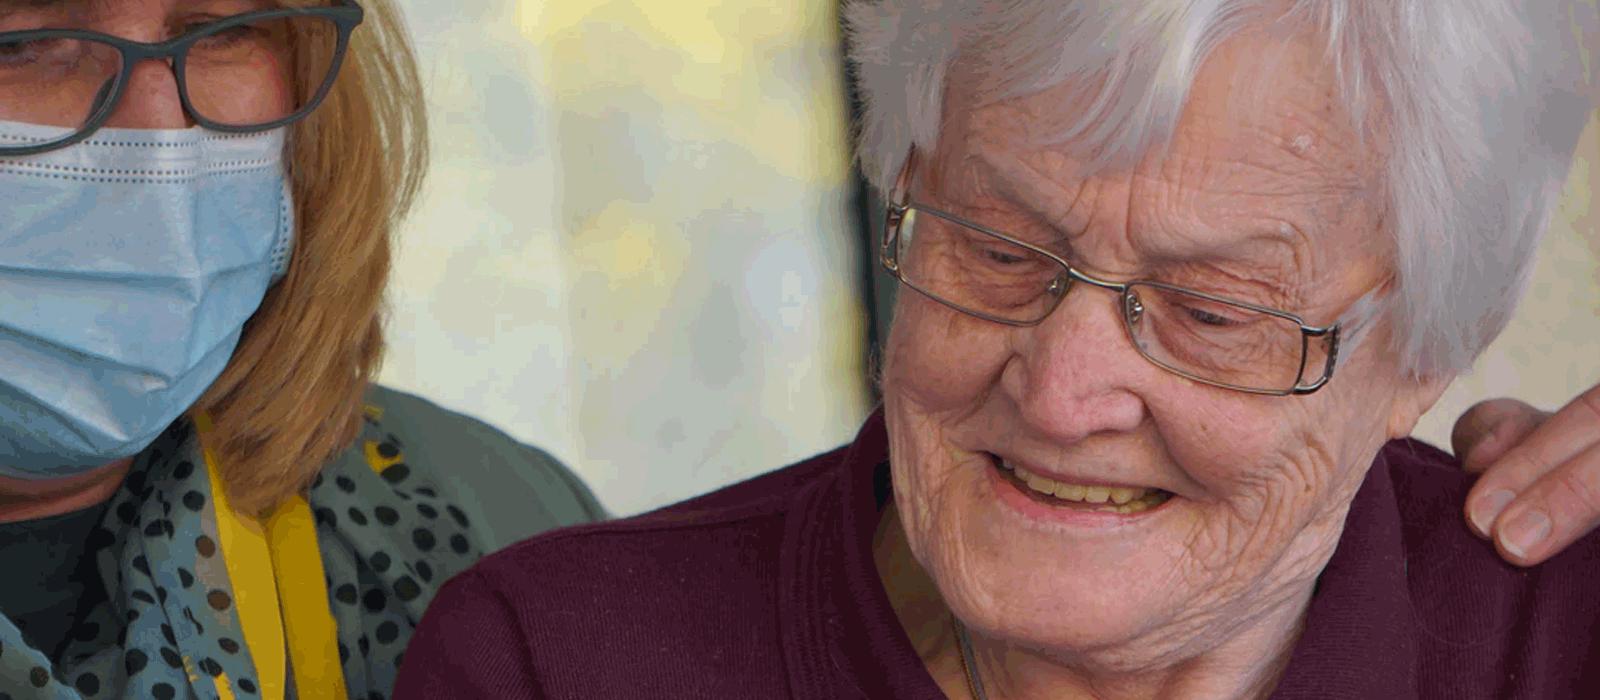 Become a Senior Companion Volunteer!